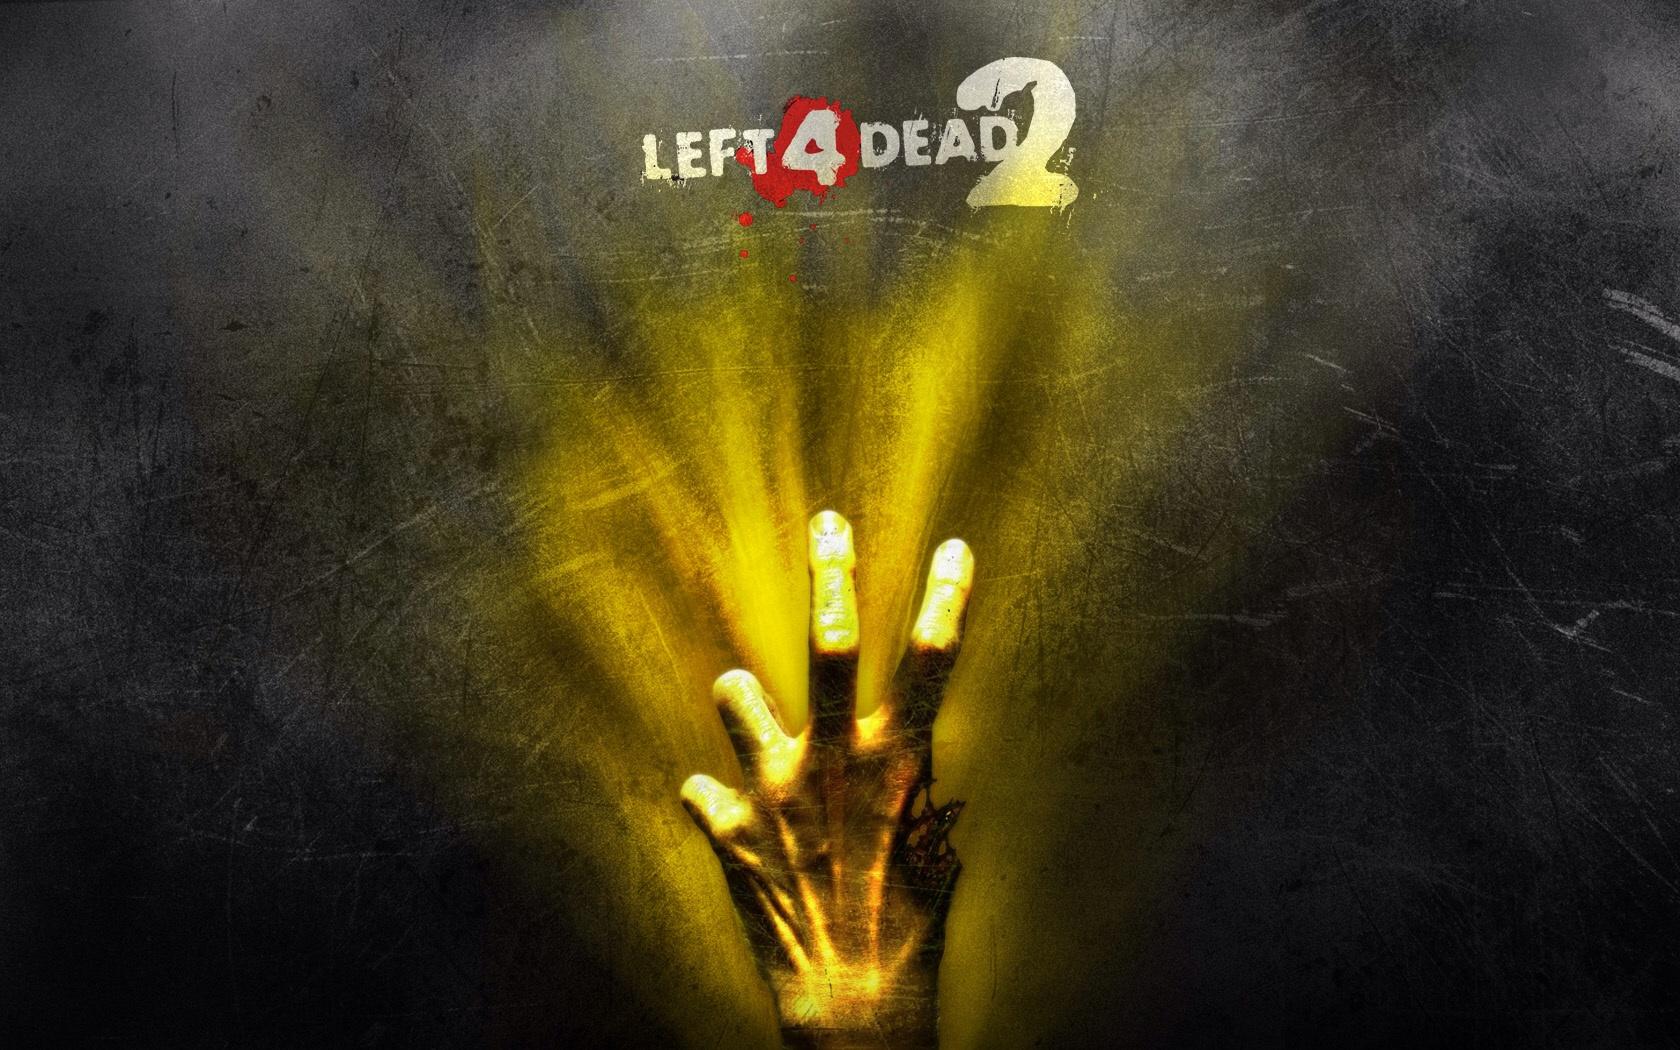 Left 4 Dead 2(レフト フォー デッド 2)